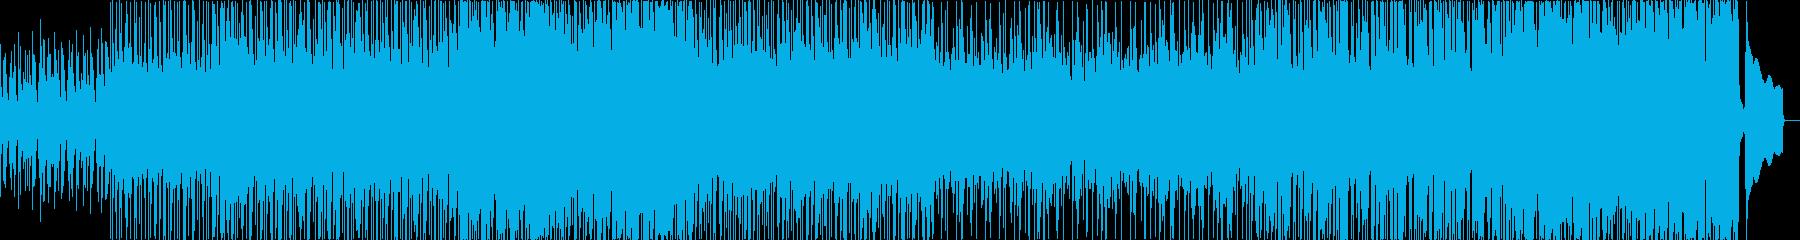 ウクレレ、アップテンポ、日常系BGMの再生済みの波形